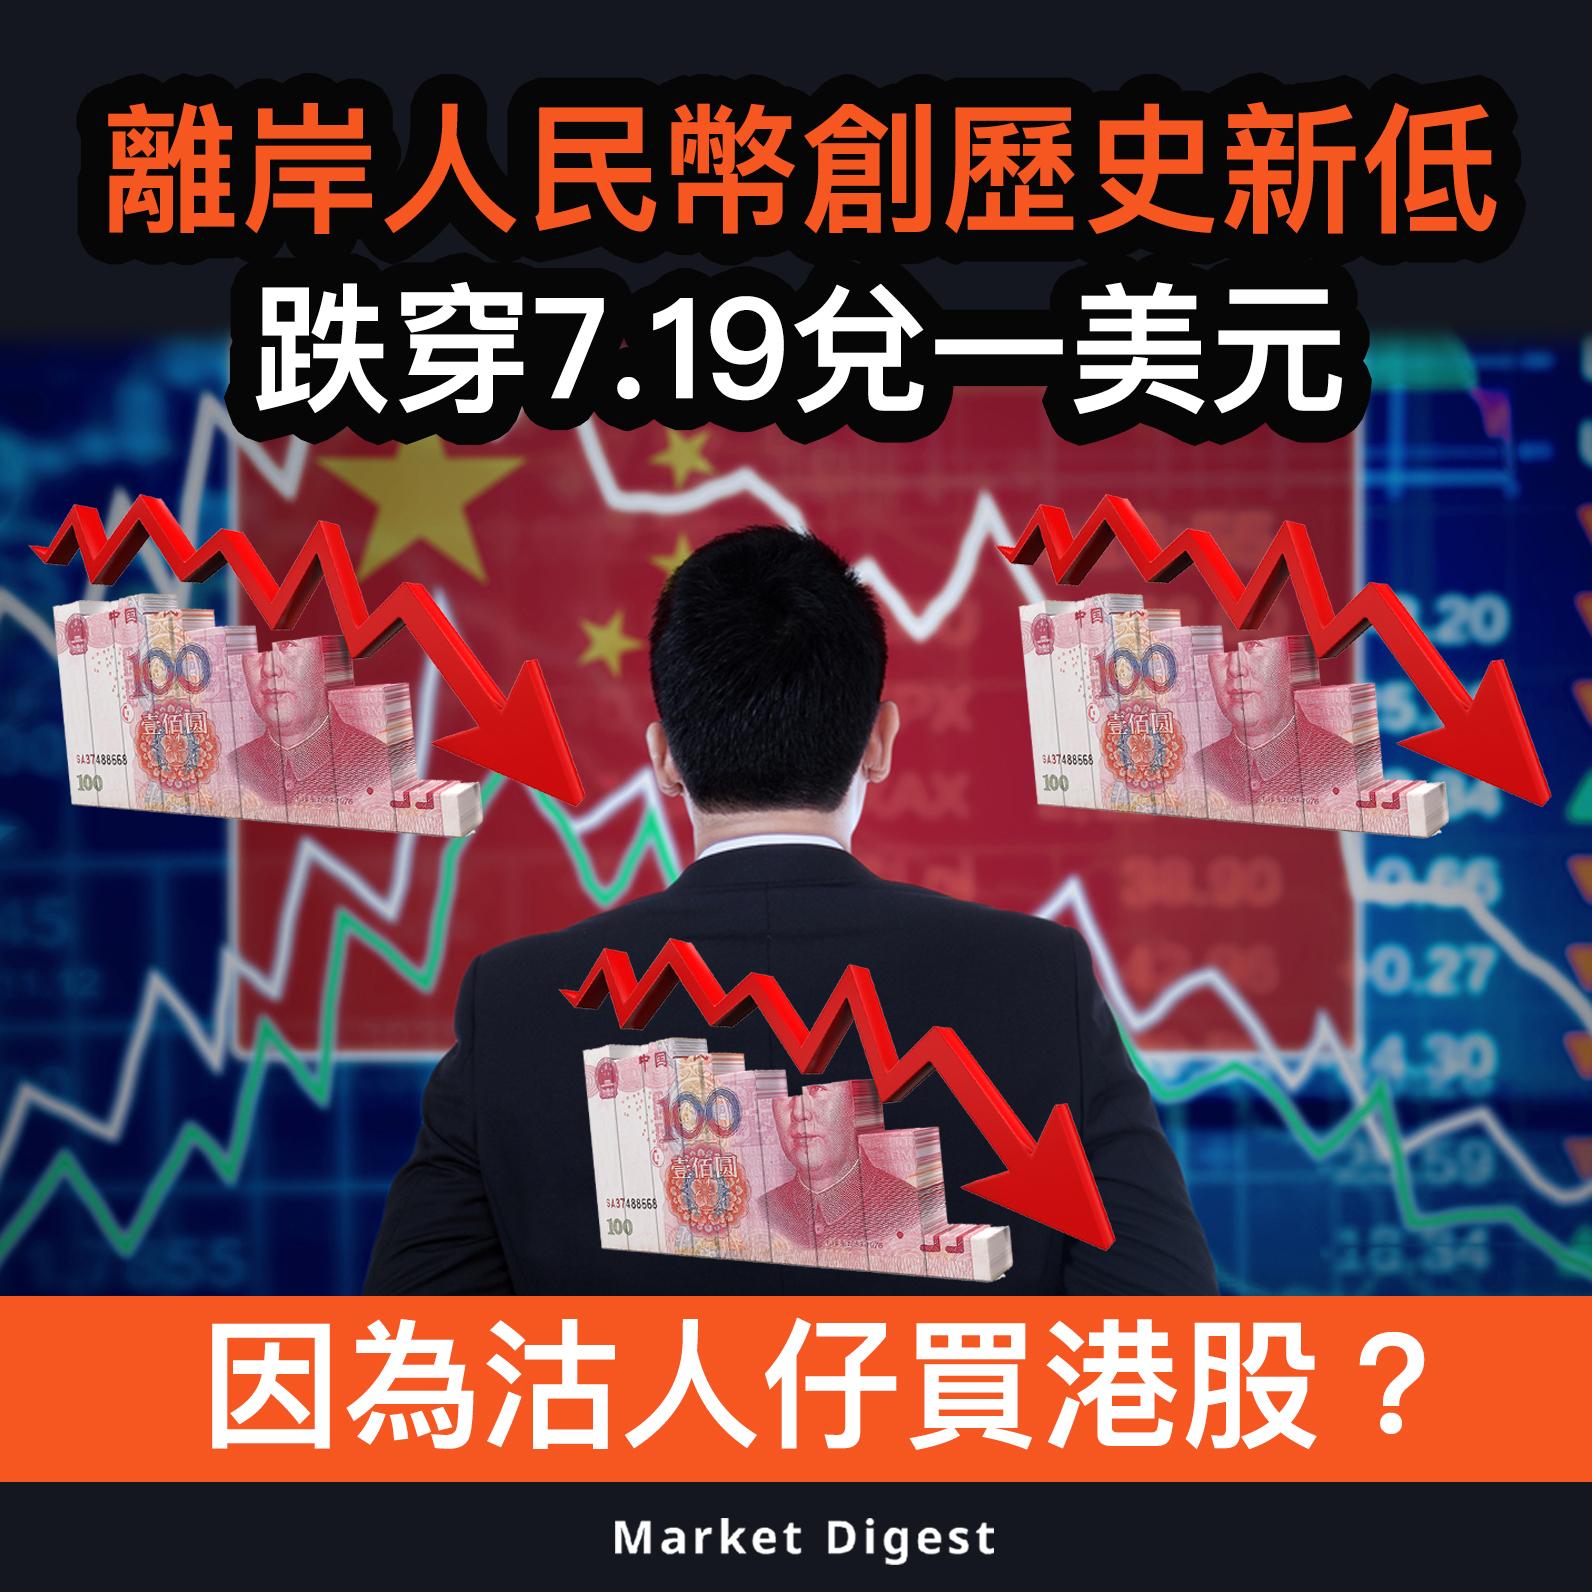 【市場熱話】離岸人民幣跌穿7.19兌一美元,創歷史新低